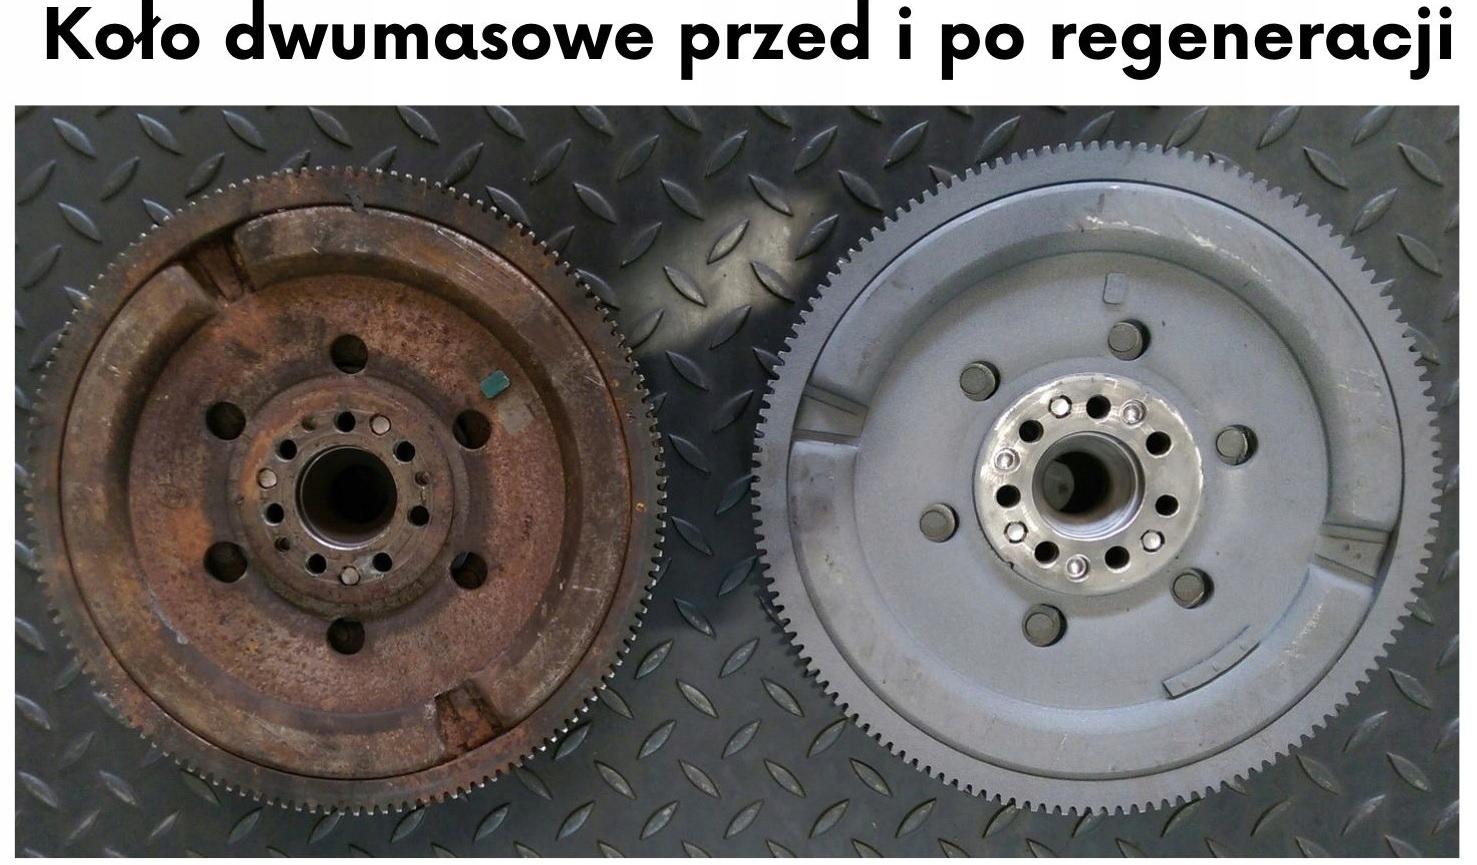 [KOLO ДЕМФЕР VW PASSAT 1.9 TDI 101 115 130 KM из Польши]изображение 3